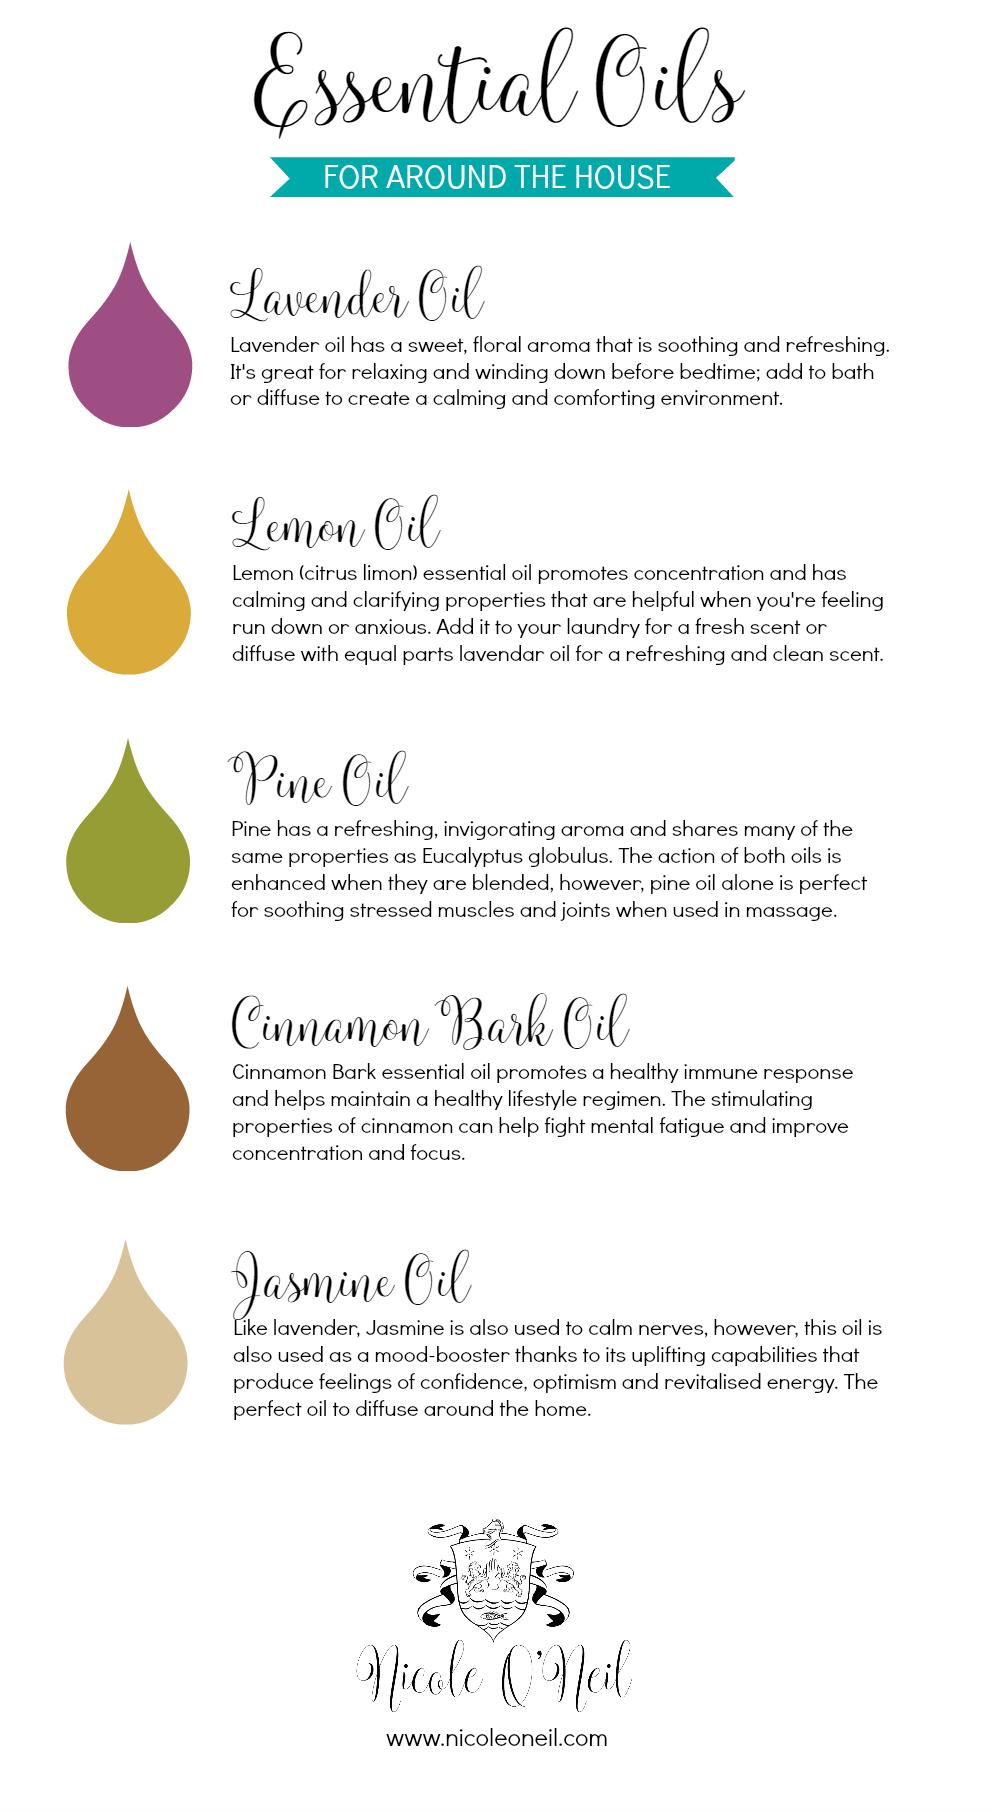 Essential Oils for Around the House - Nicole O'Neil .jpg